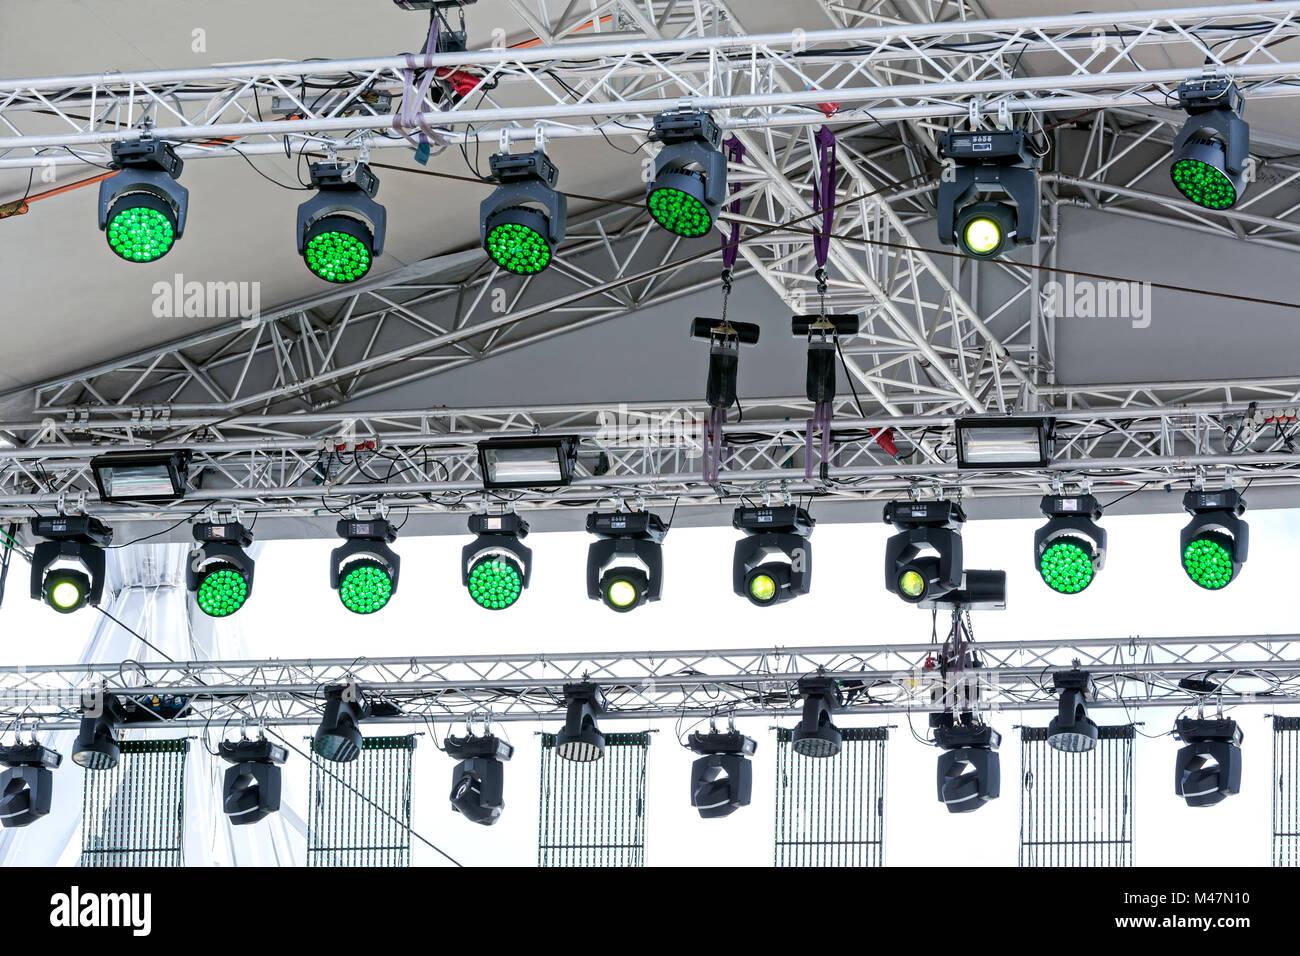 Lighting equipment of outdoor stage stock photo 174732460 alamy lighting equipment of outdoor stage workwithnaturefo